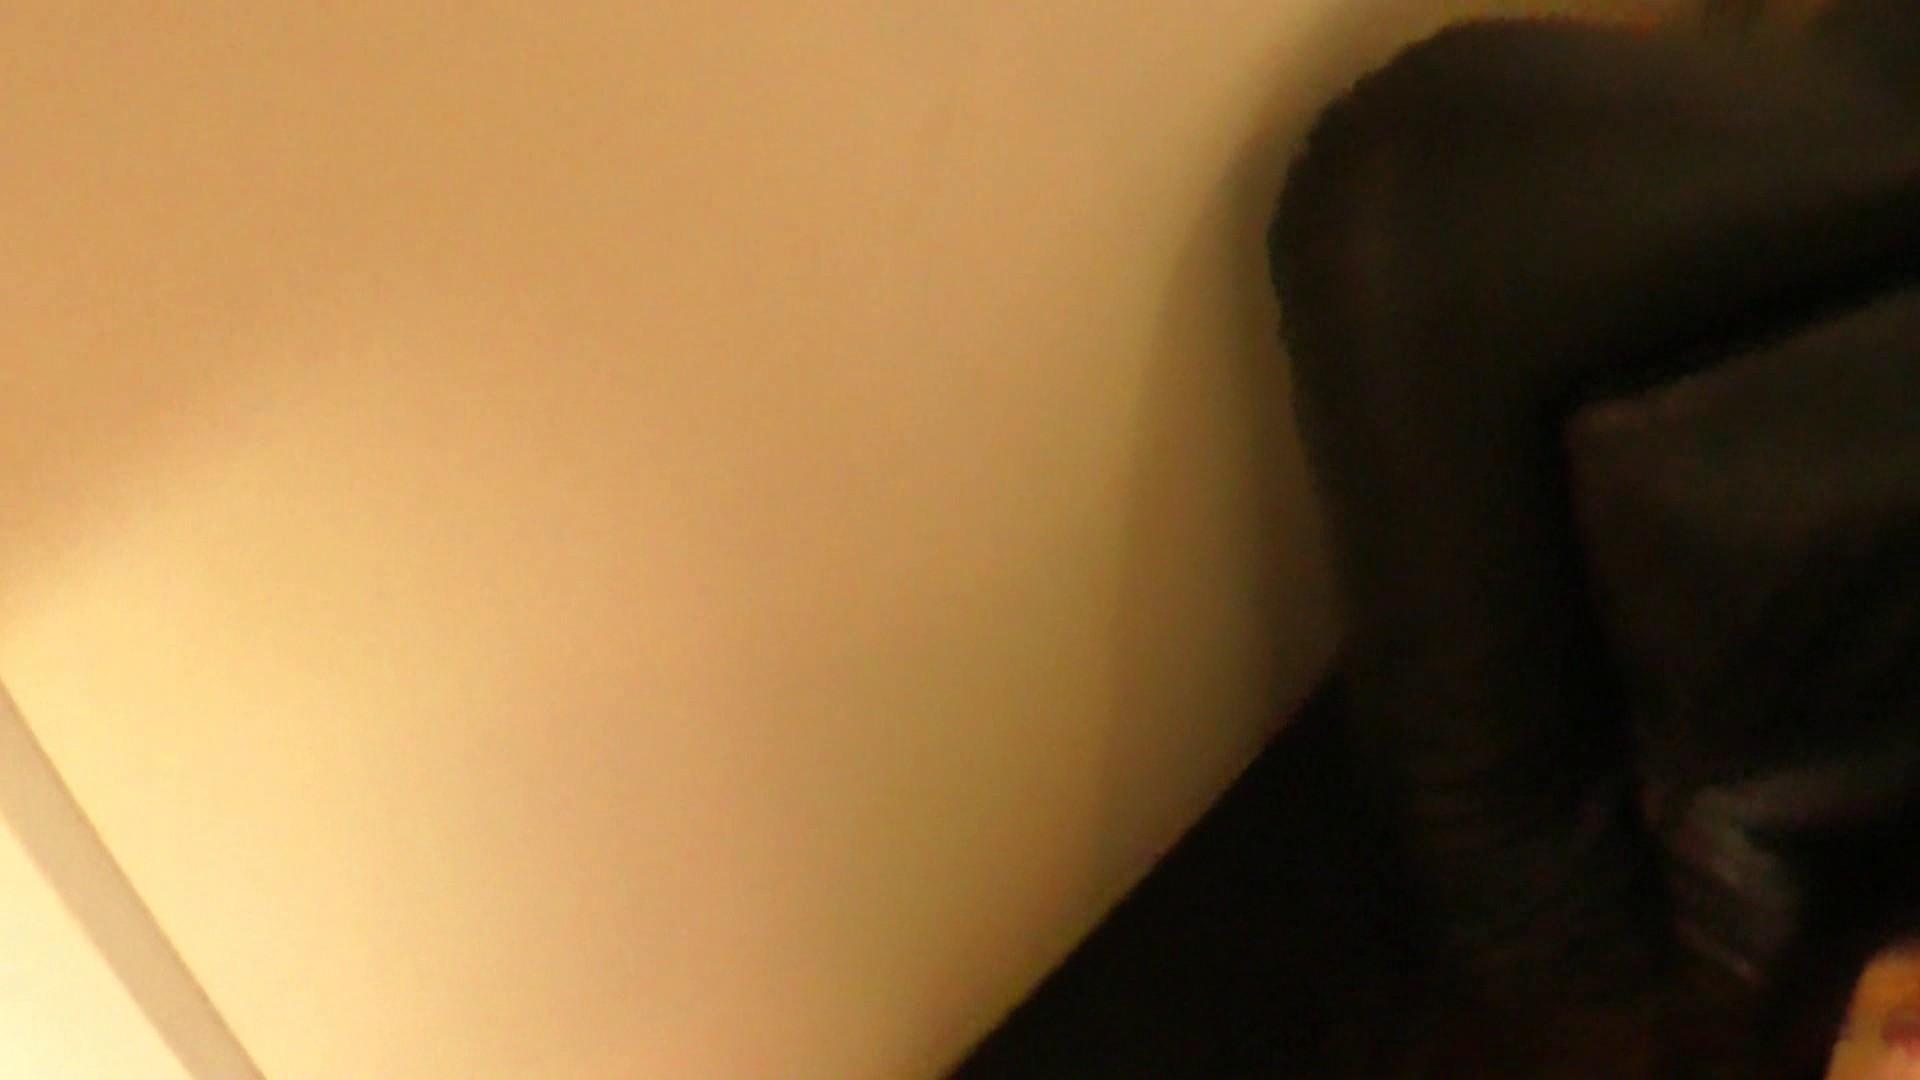 悪戯ネットカフェ Vol.08後編 なのでニュルっと【2015・26位】 エッチすぎるOL達   悪戯  100連発 33